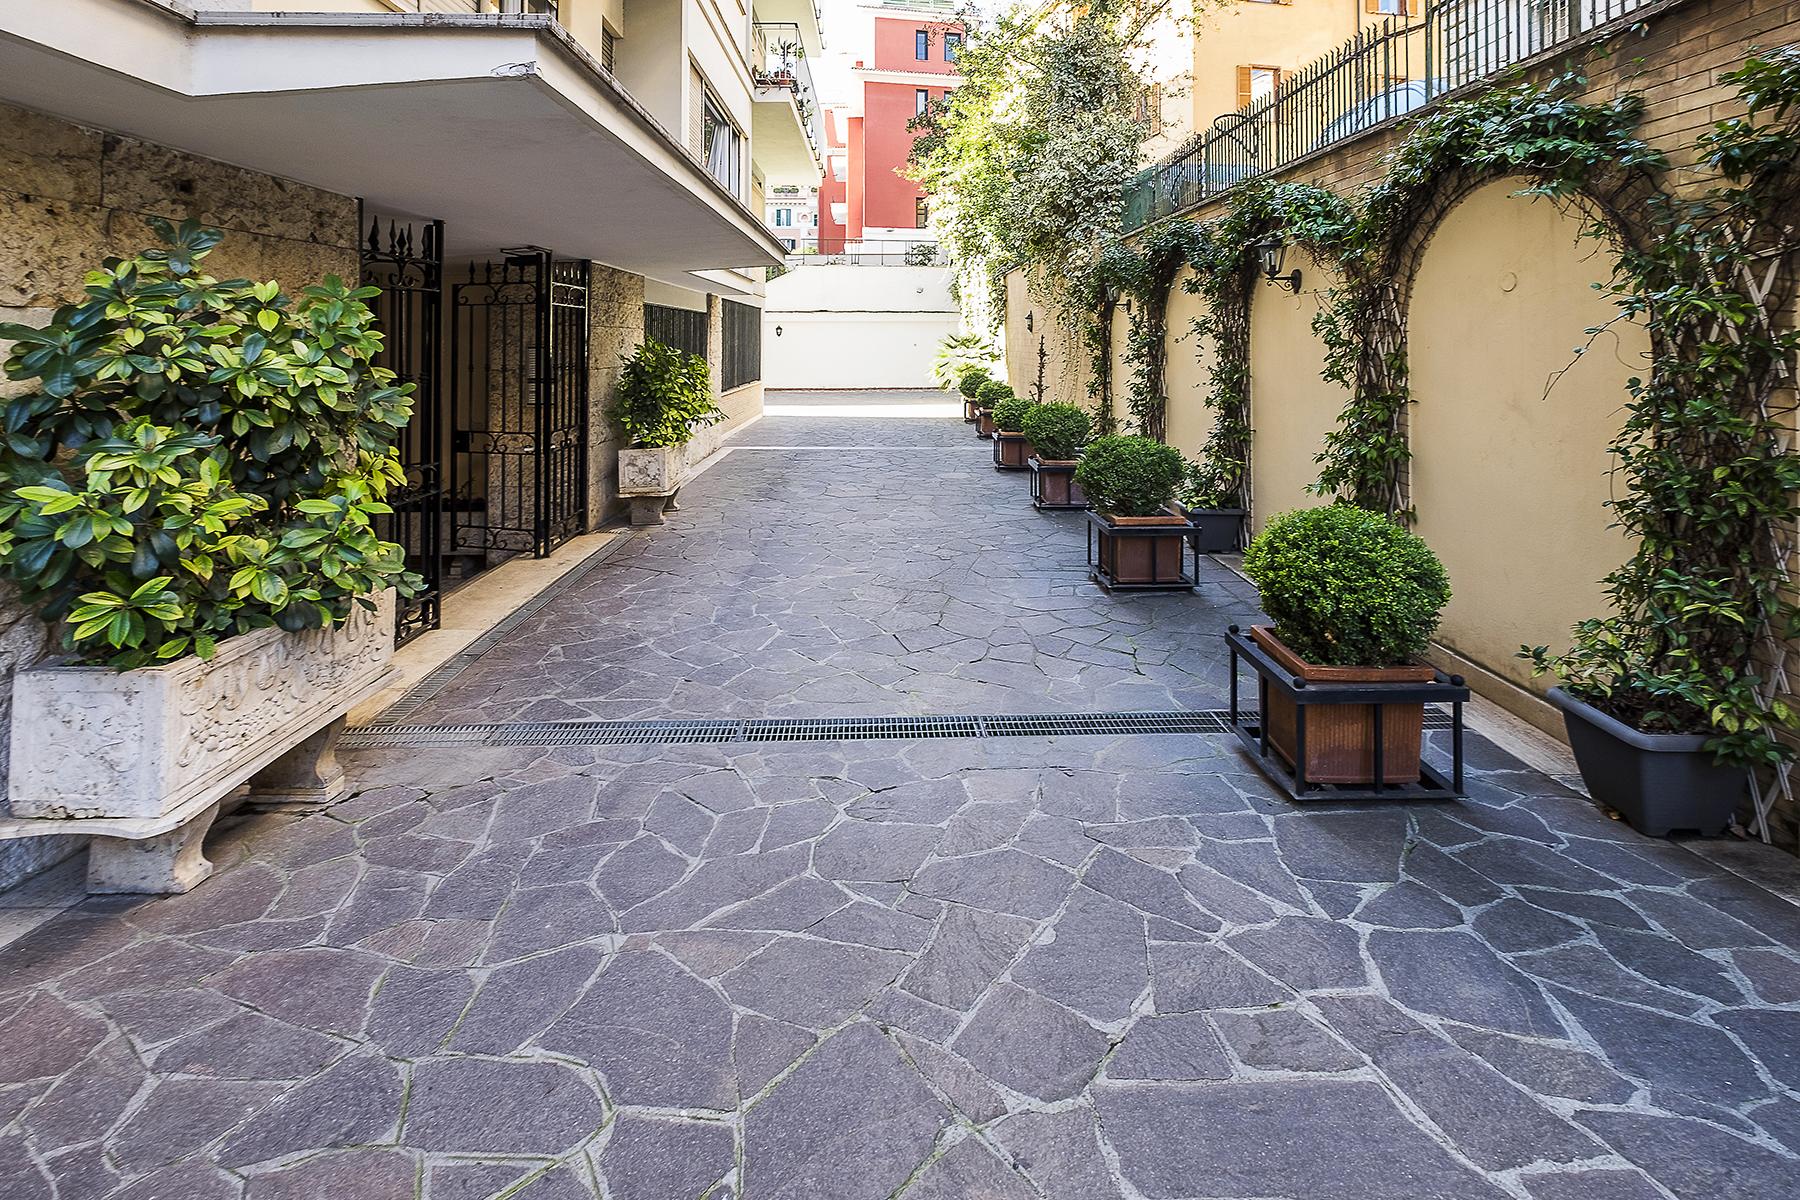 Ufficio studio di lusso in affitto a roma via eleonora for Affitto locali commerciali roma nord